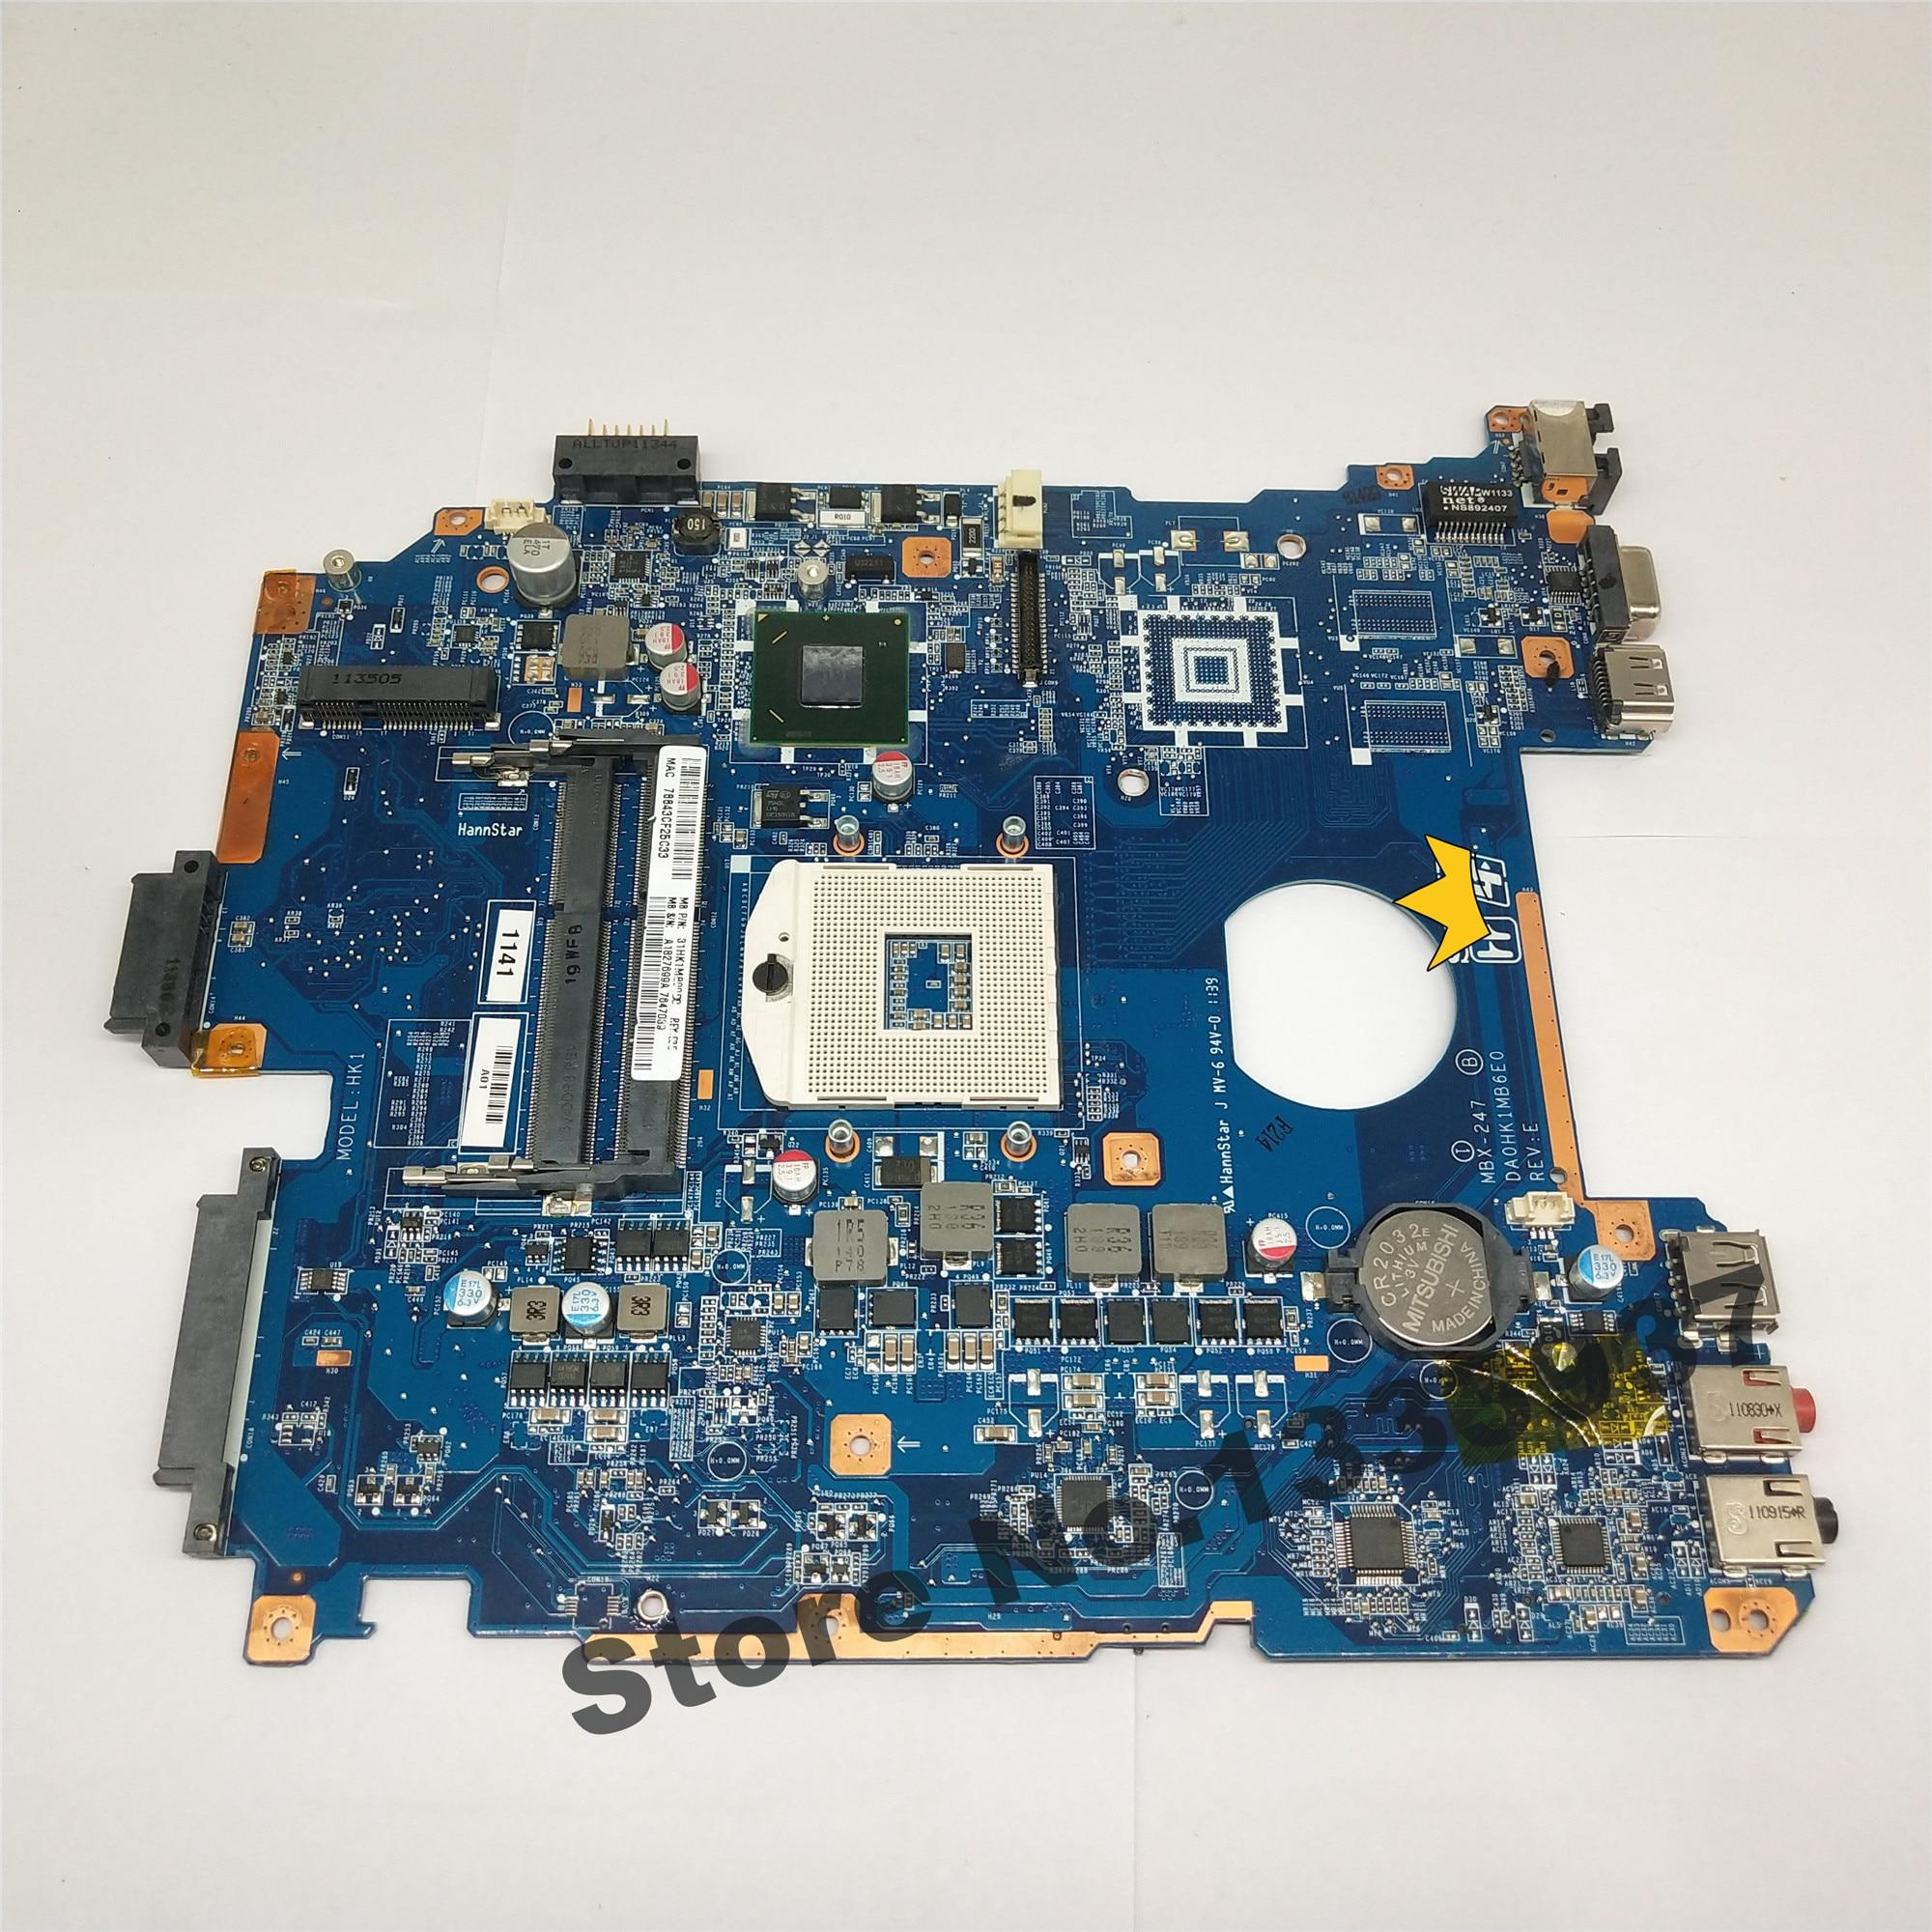 DA0HK1MB6E0 لسوني VPCEH MBX-247 اللوحة المحمول A1827699A اللوحة